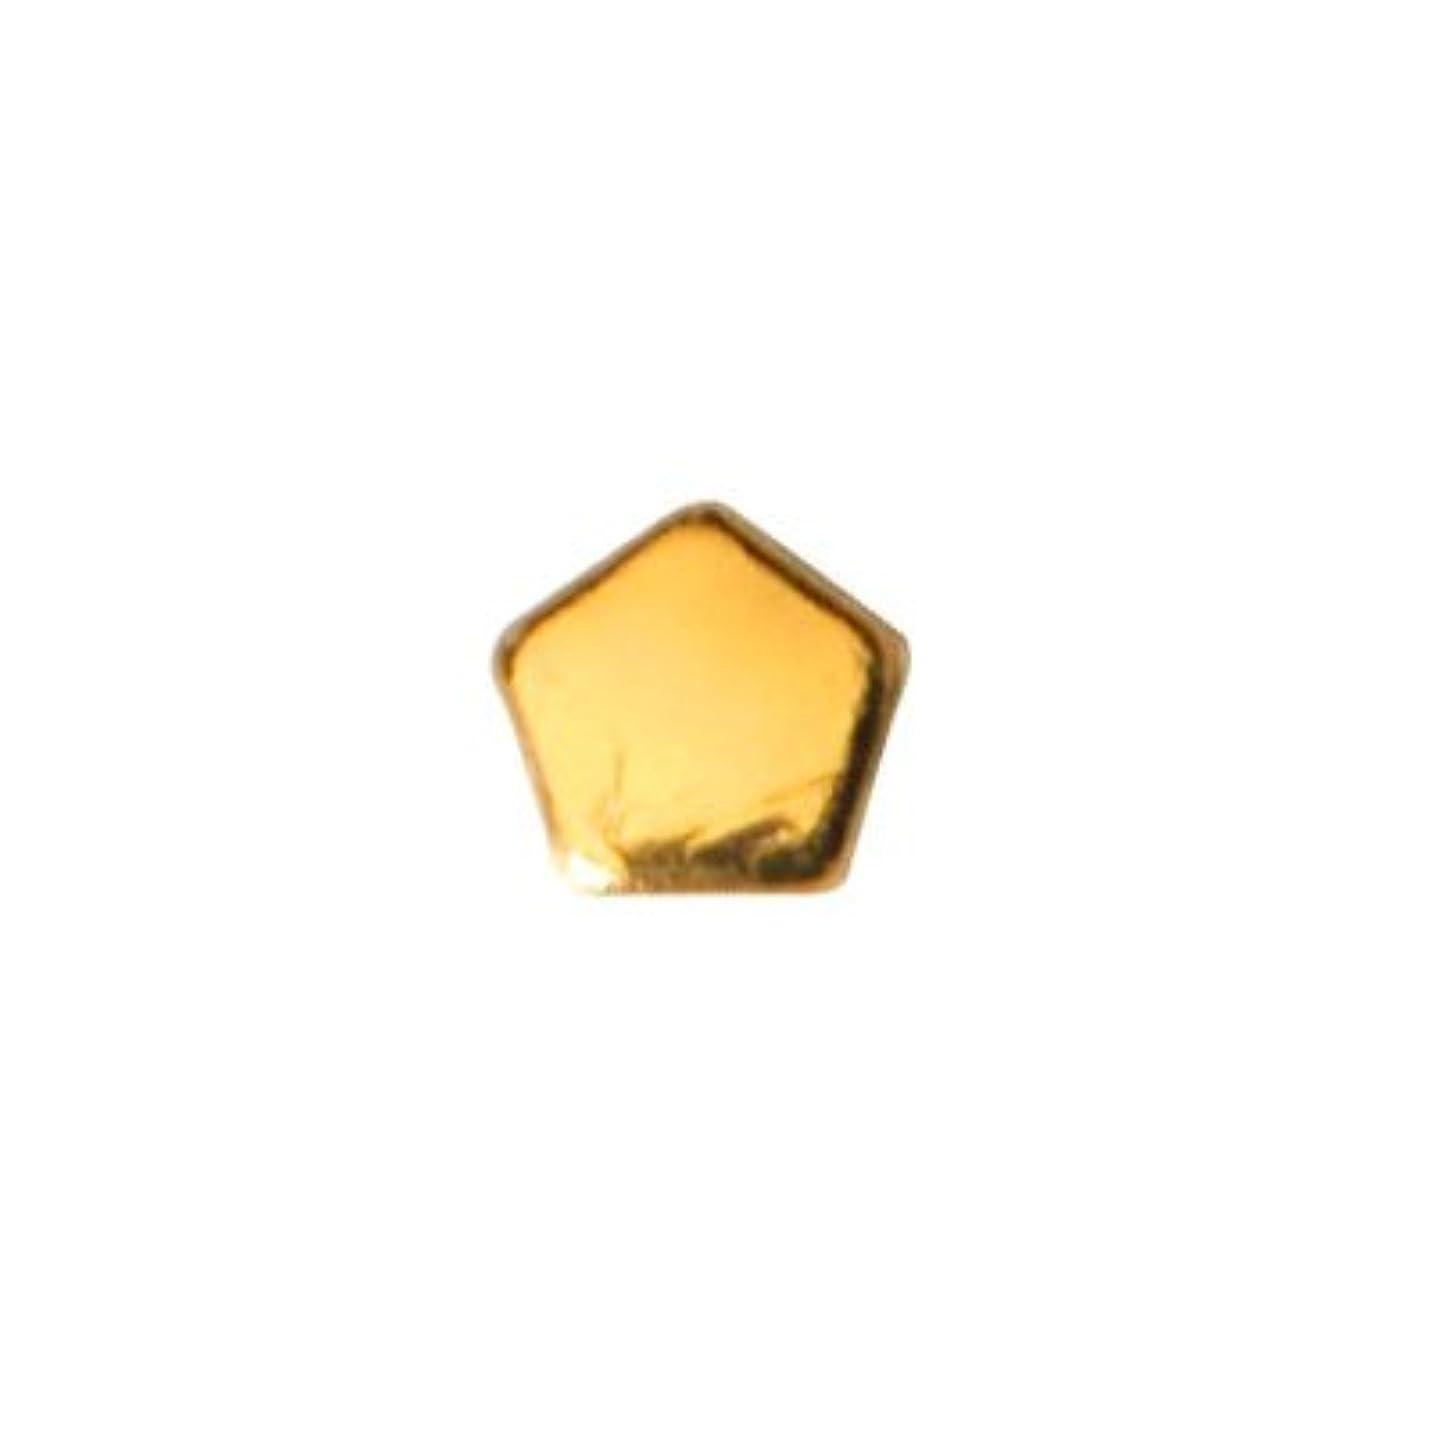 プレミアム新しさ立派なピアドラ スタッズ ペンタゴン 2mm 50P ゴールド